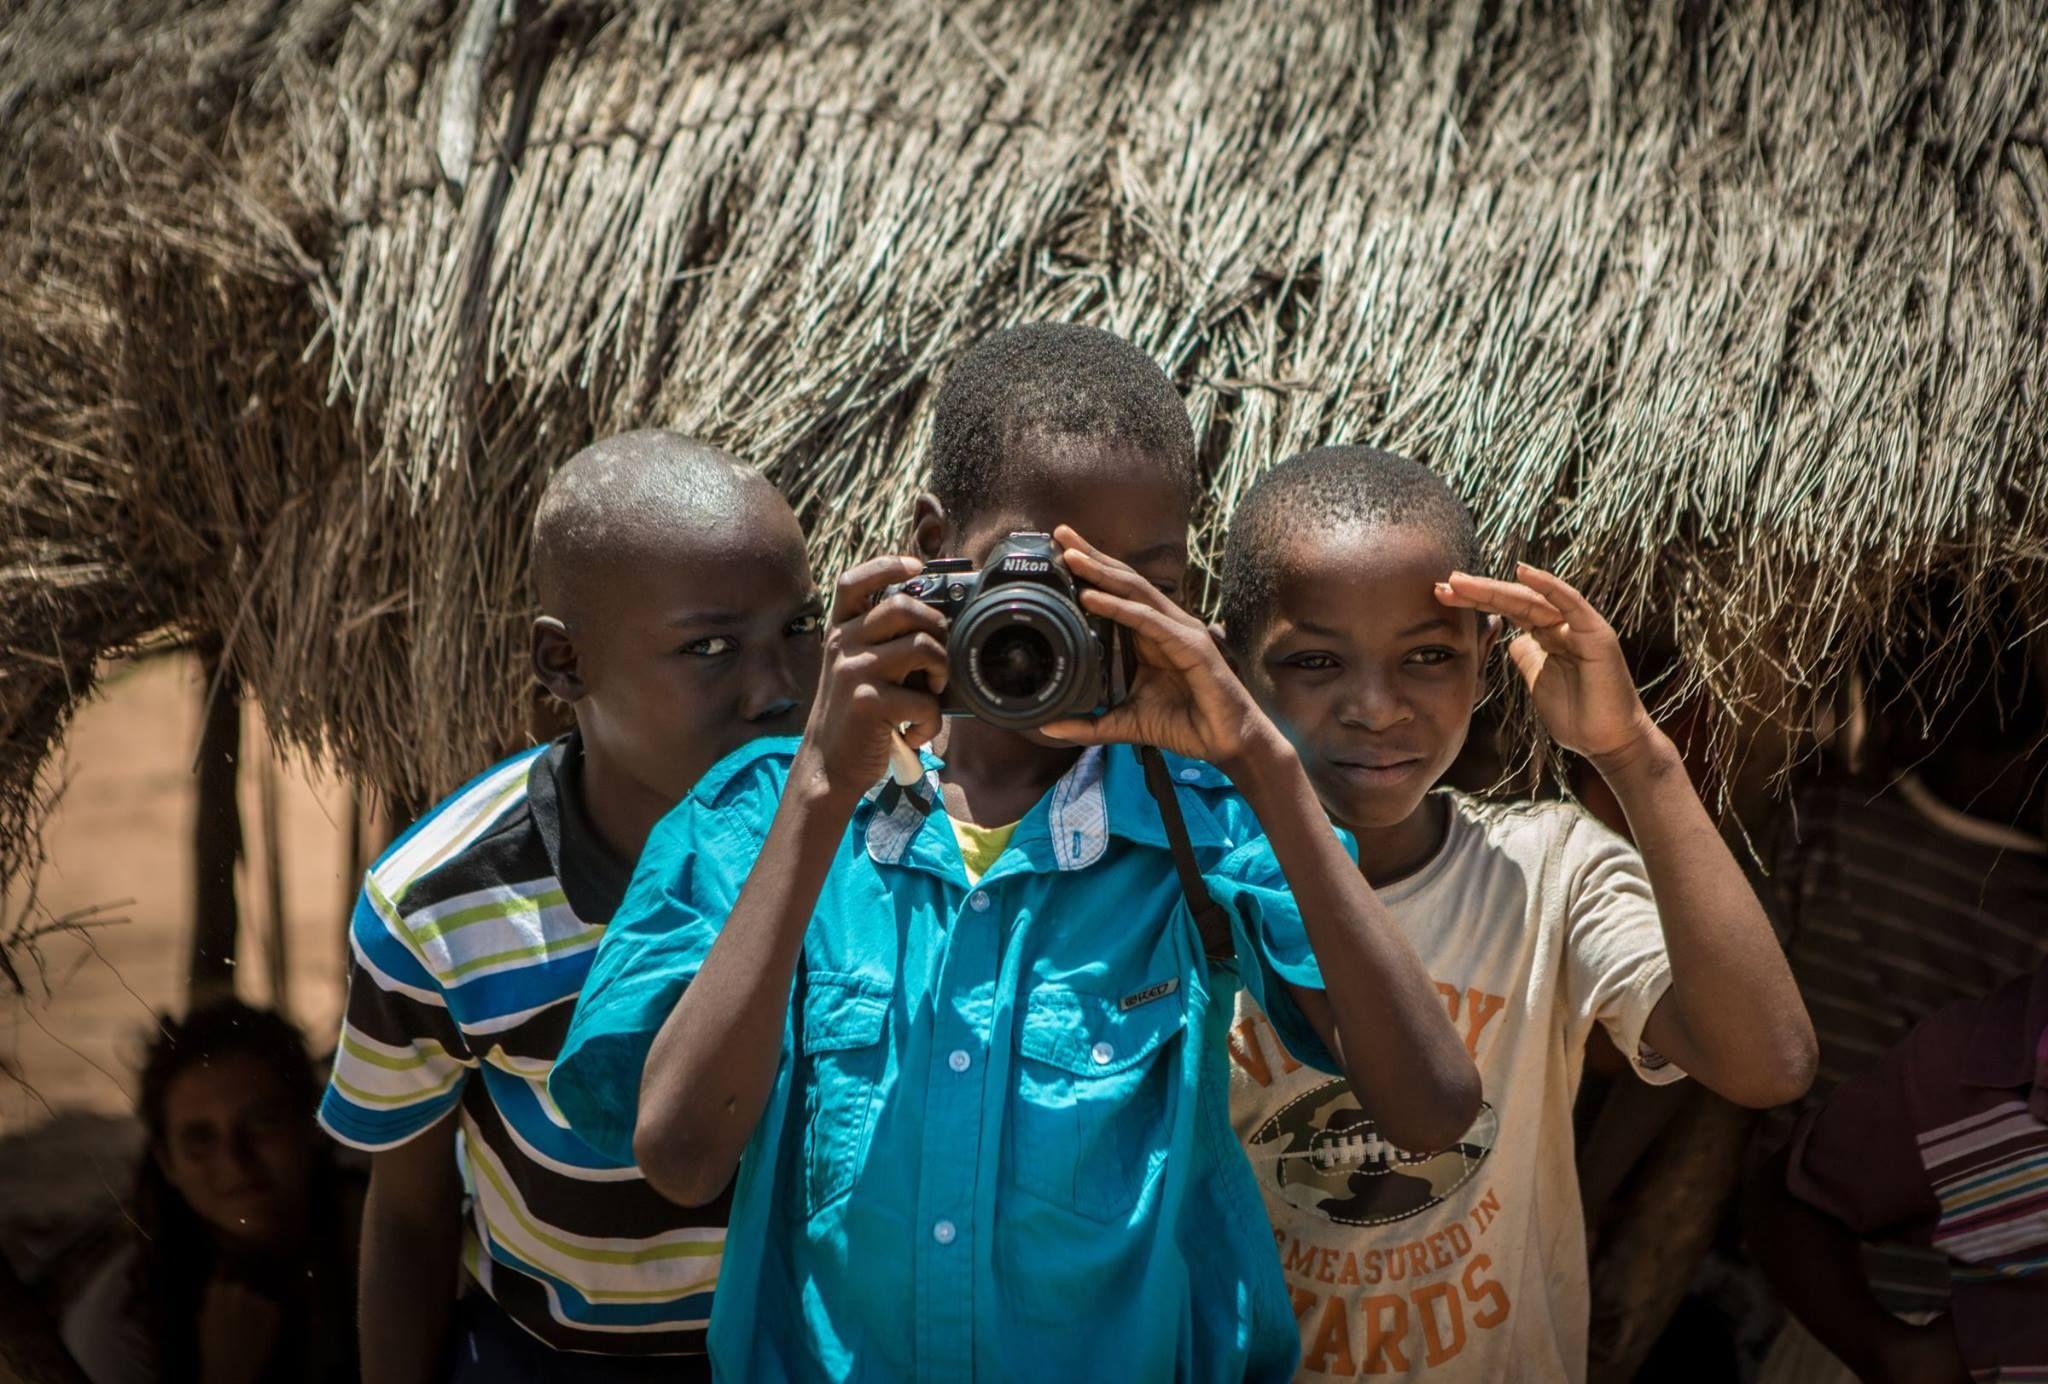 célébration de la journée internationale des droits de l'enfant